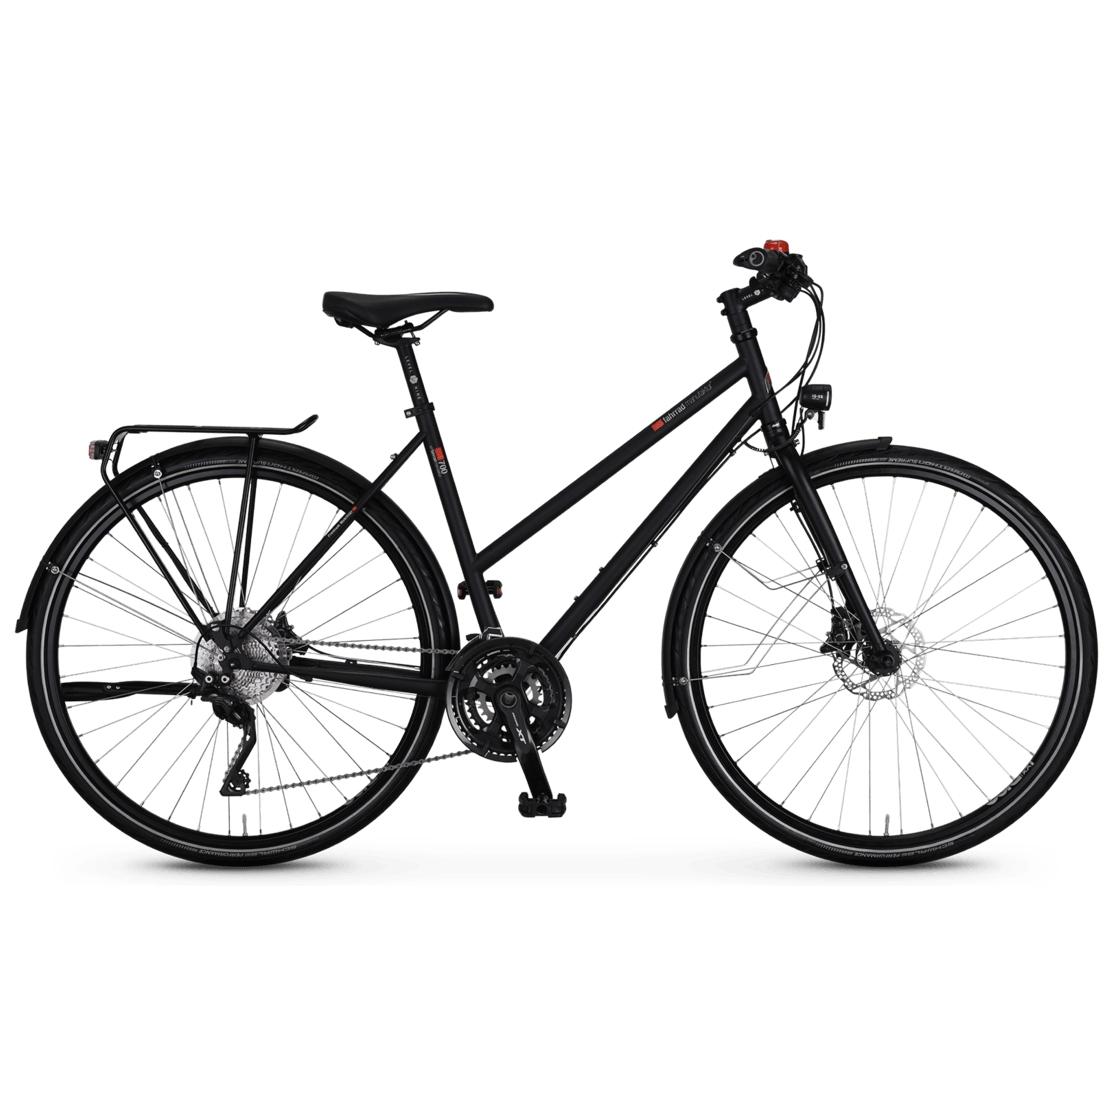 vsf fahrradmanufaktur T-700 Disk XT - Damen Trekkingrad - 2021 - ebony matt